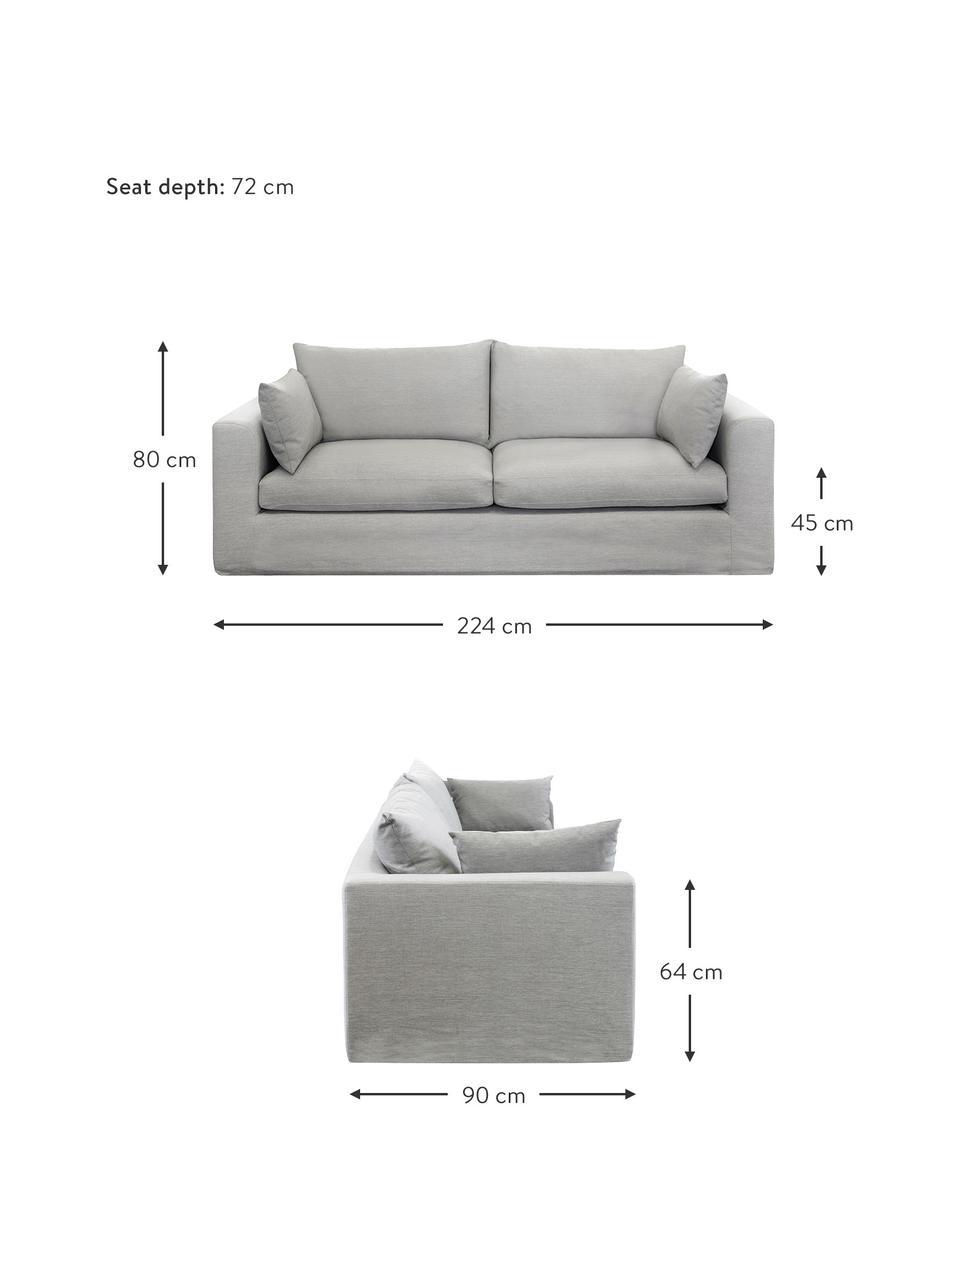 Sofa Zach (3-osobowa), Tapicerka: polipropylen Dzięki tkan, Nogi: tworzywo sztuczne, Taupe, S 224 x G 90 cm